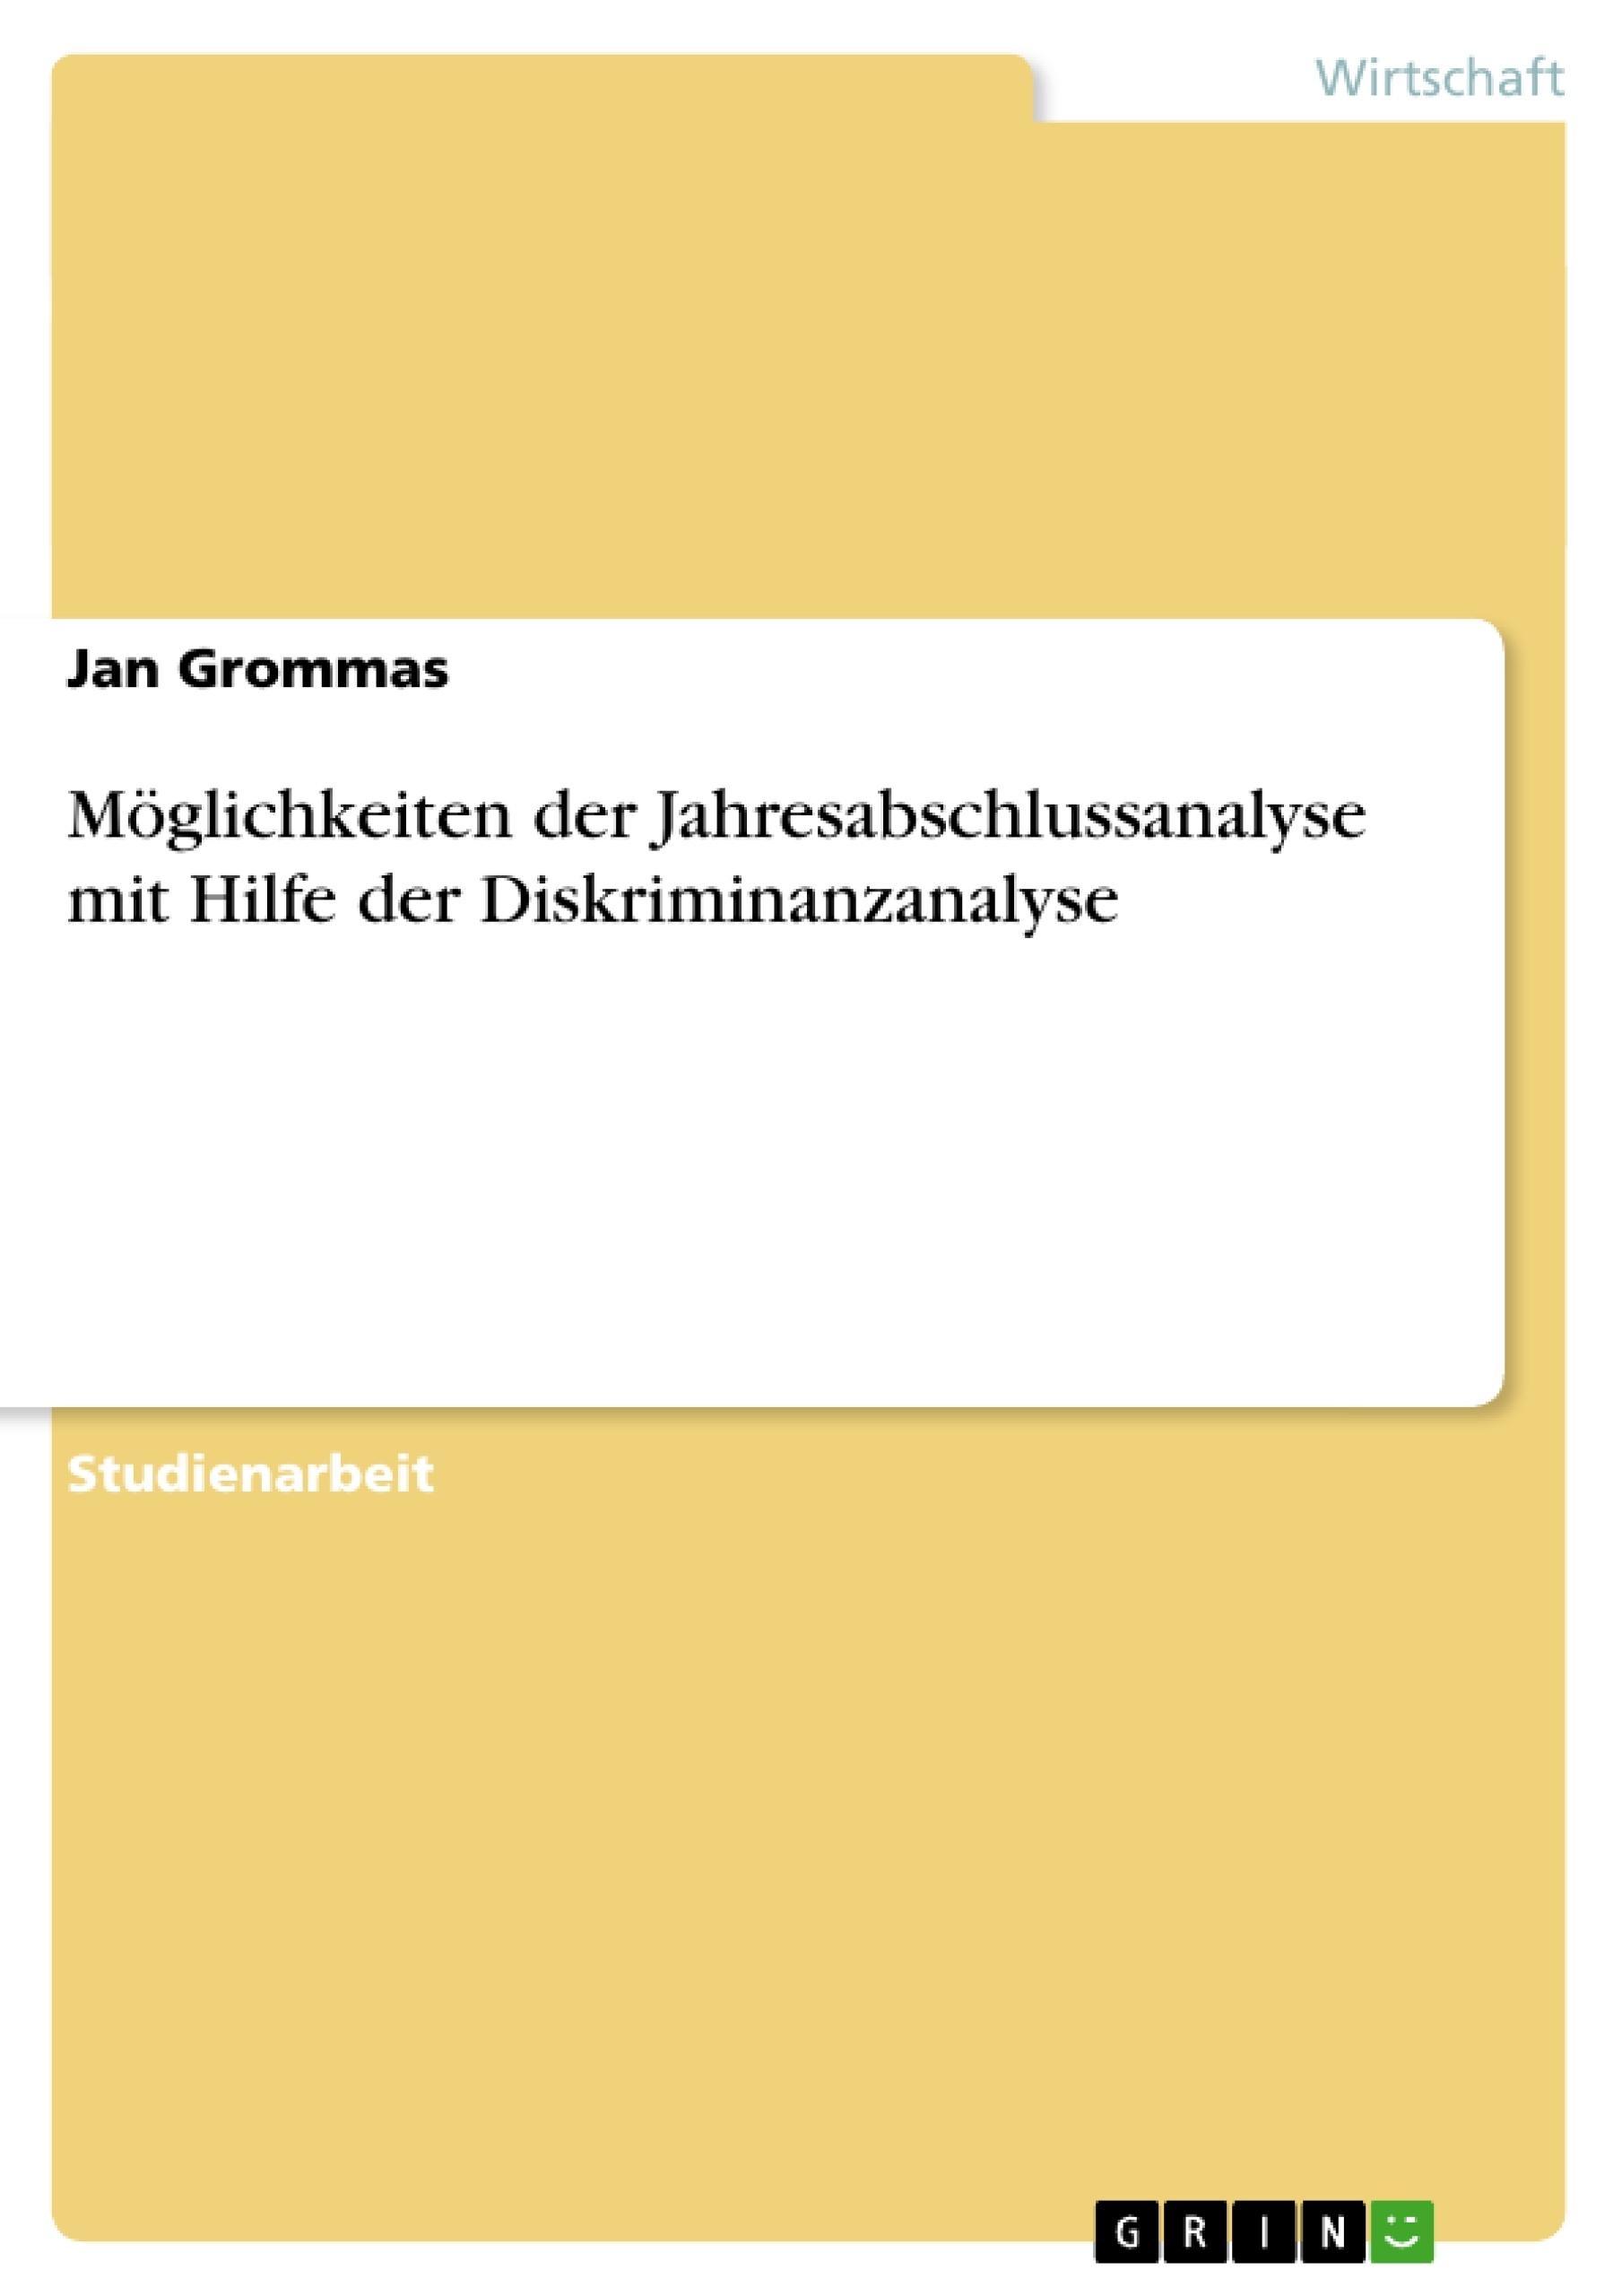 Titel: Möglichkeiten der Jahresabschlussanalyse mit Hilfe der Diskriminanzanalyse